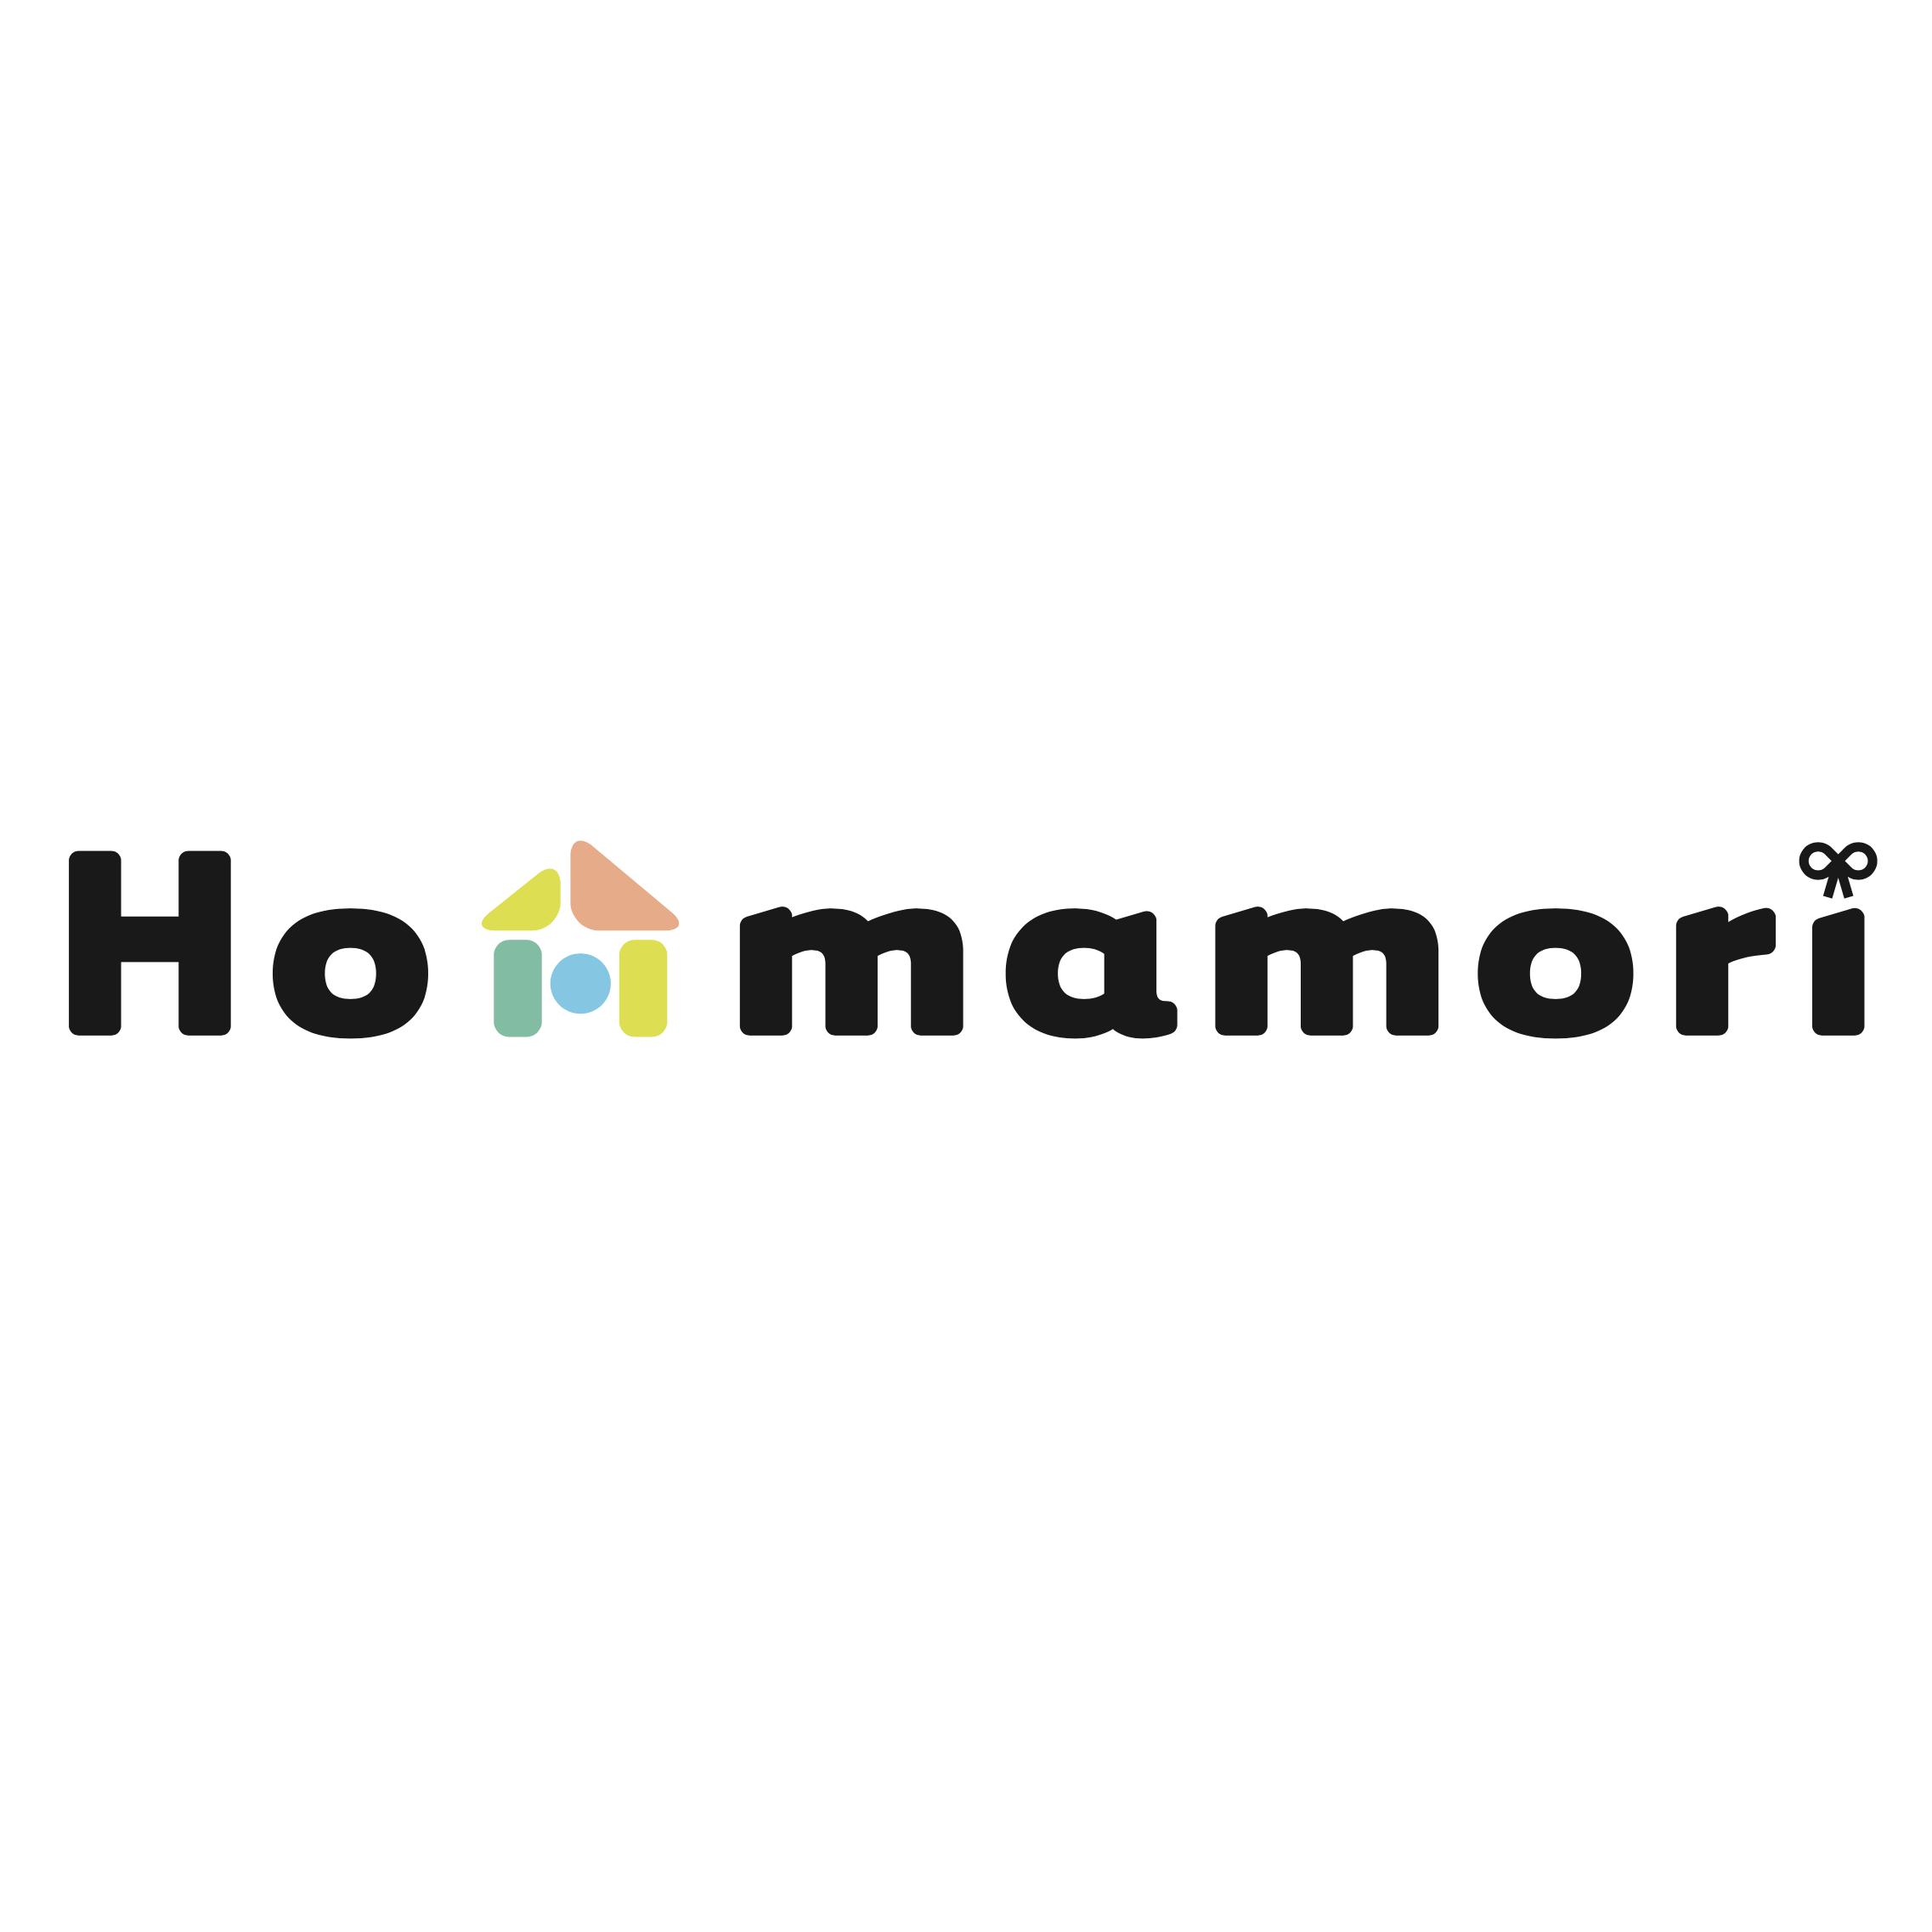 Homamori